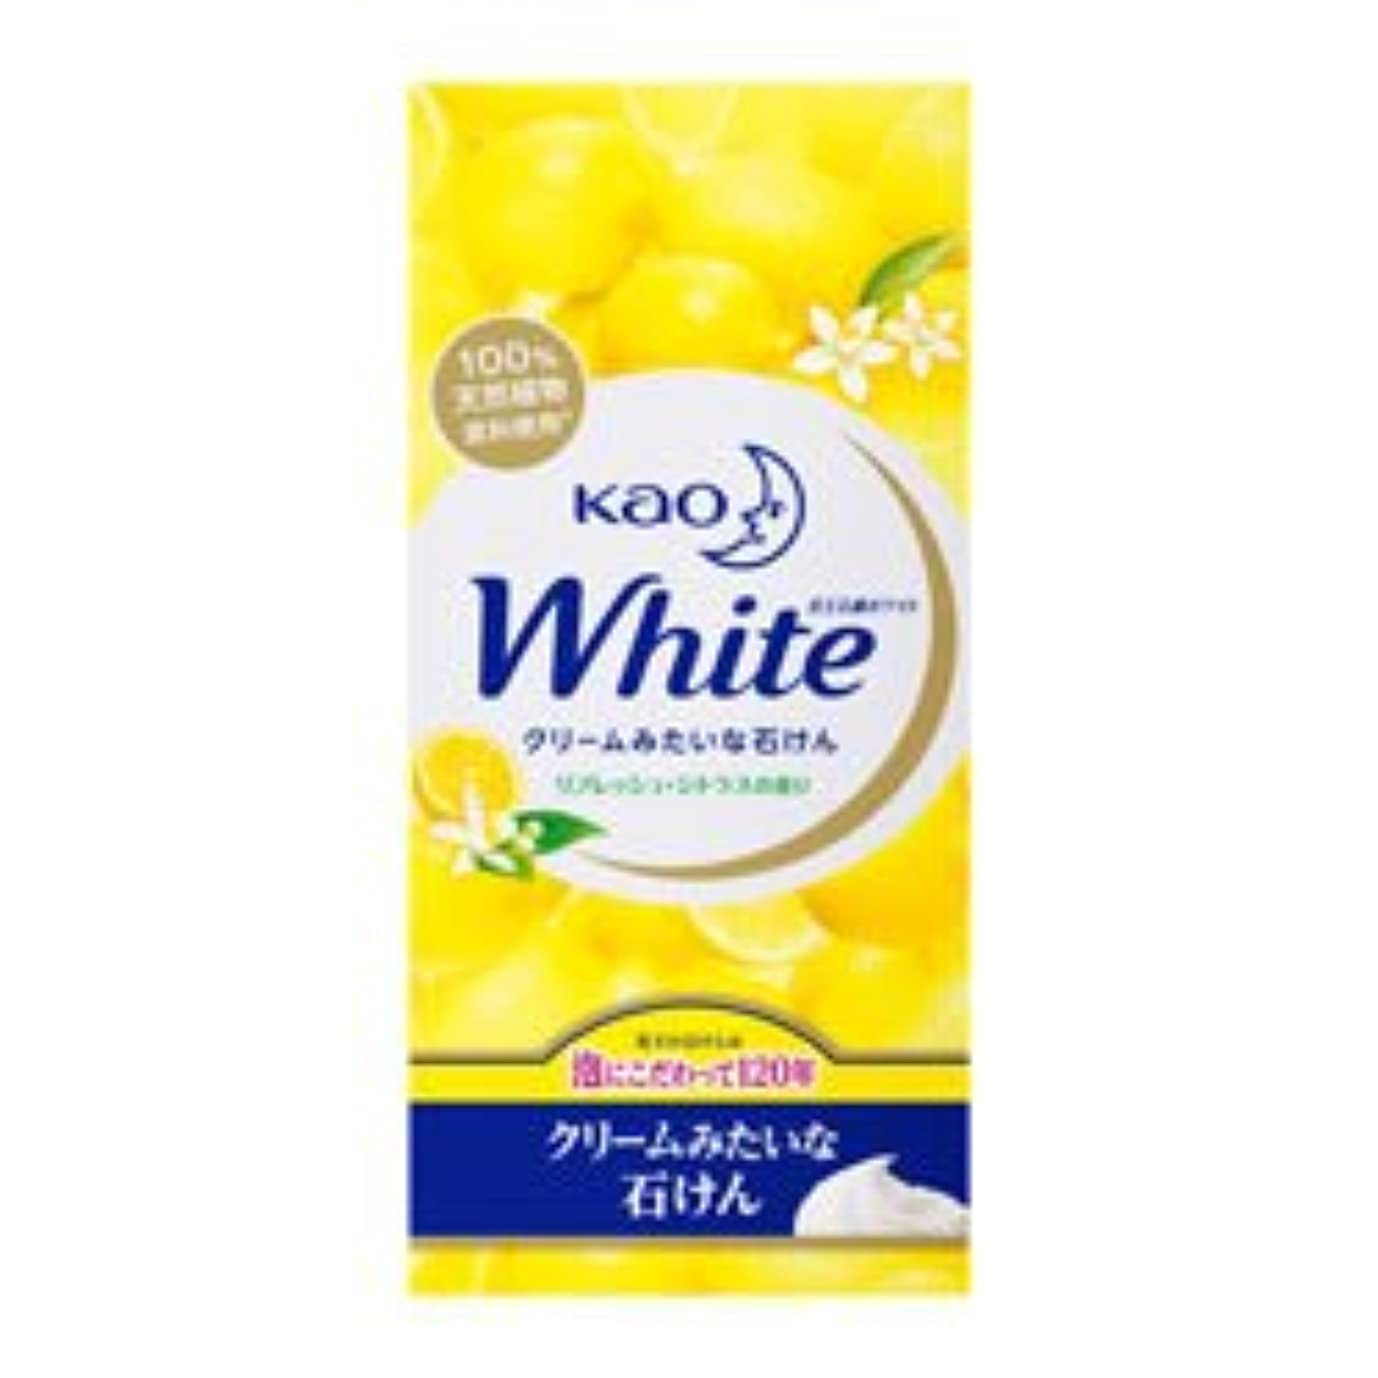 キャメルキャンバス捧げる【花王】ホワイト リフレッシュ?シトラスの香り レギュラーサイズ 85g×6個入 ×20個セット